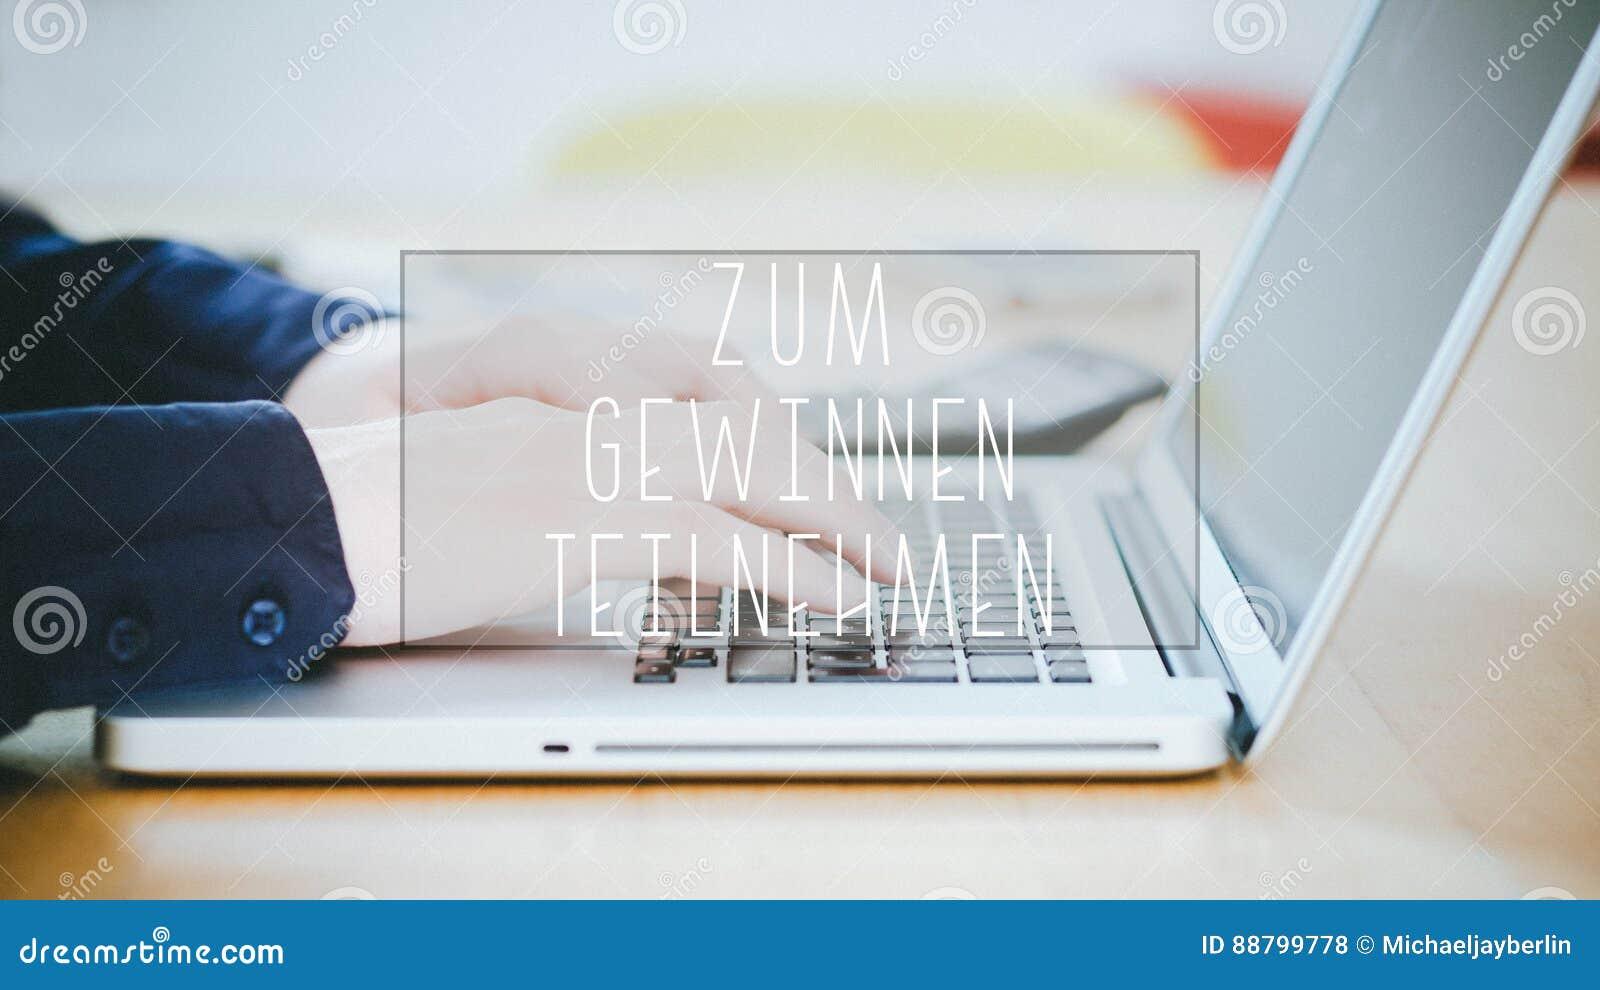 Zum Gewinnen teilnehmen, tysk text för att Enter över ska segra text